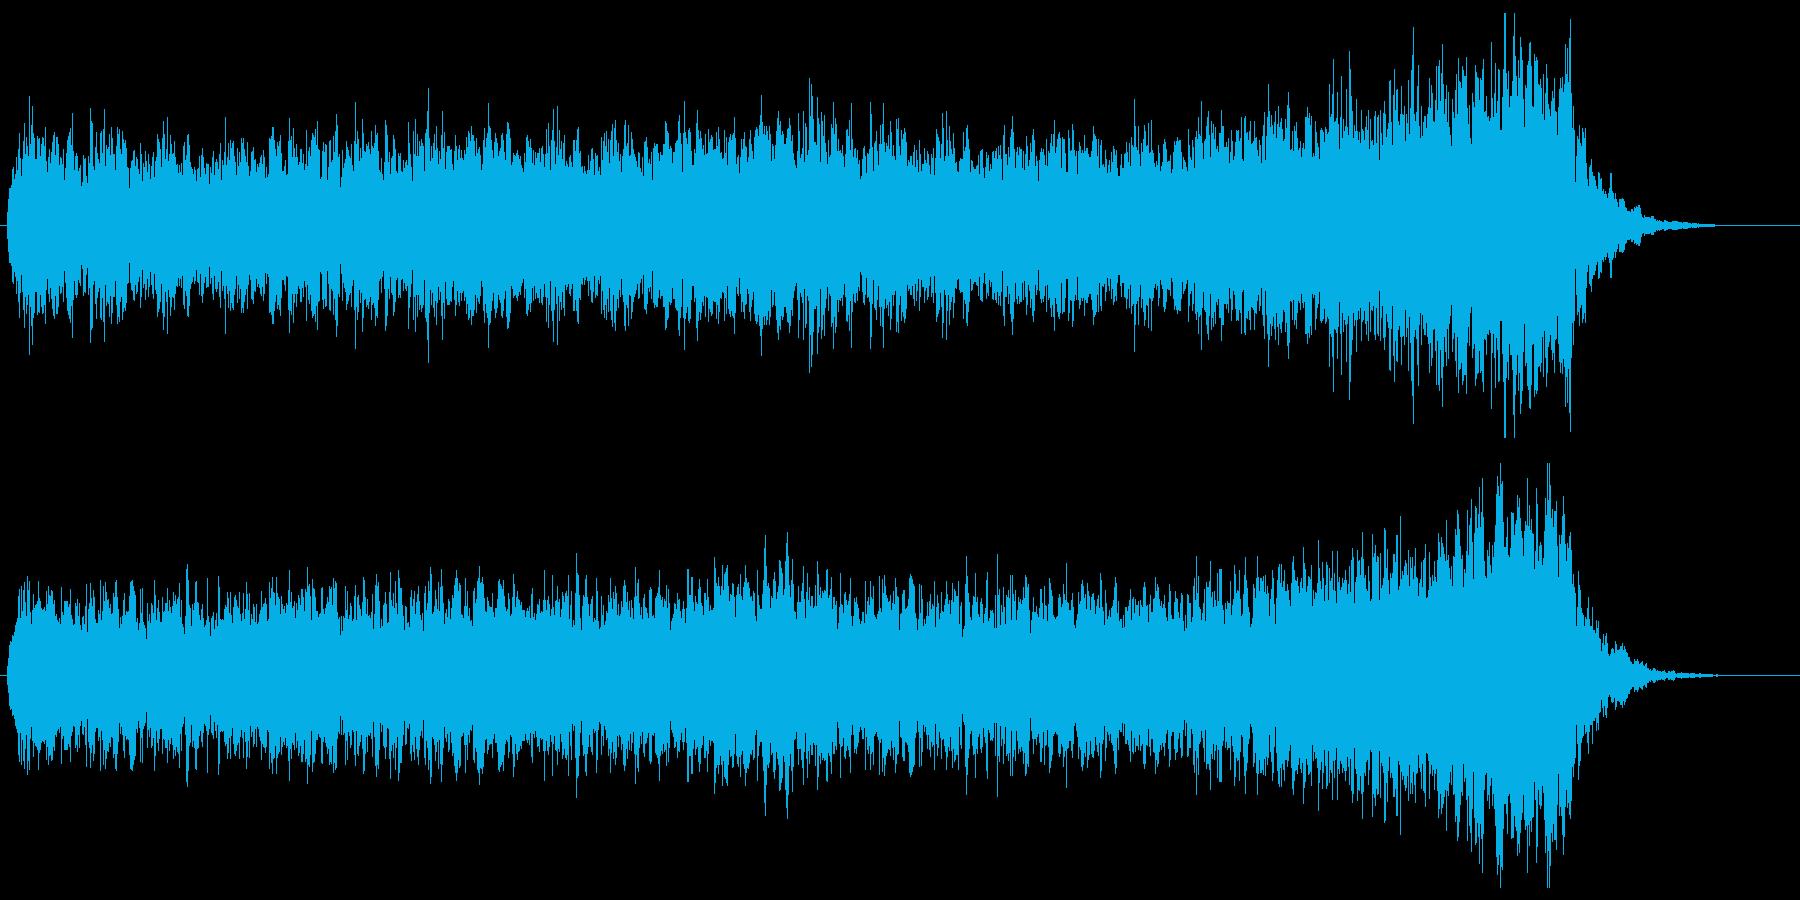 短調の旋律が美しいクワイア/コーラス曲の再生済みの波形